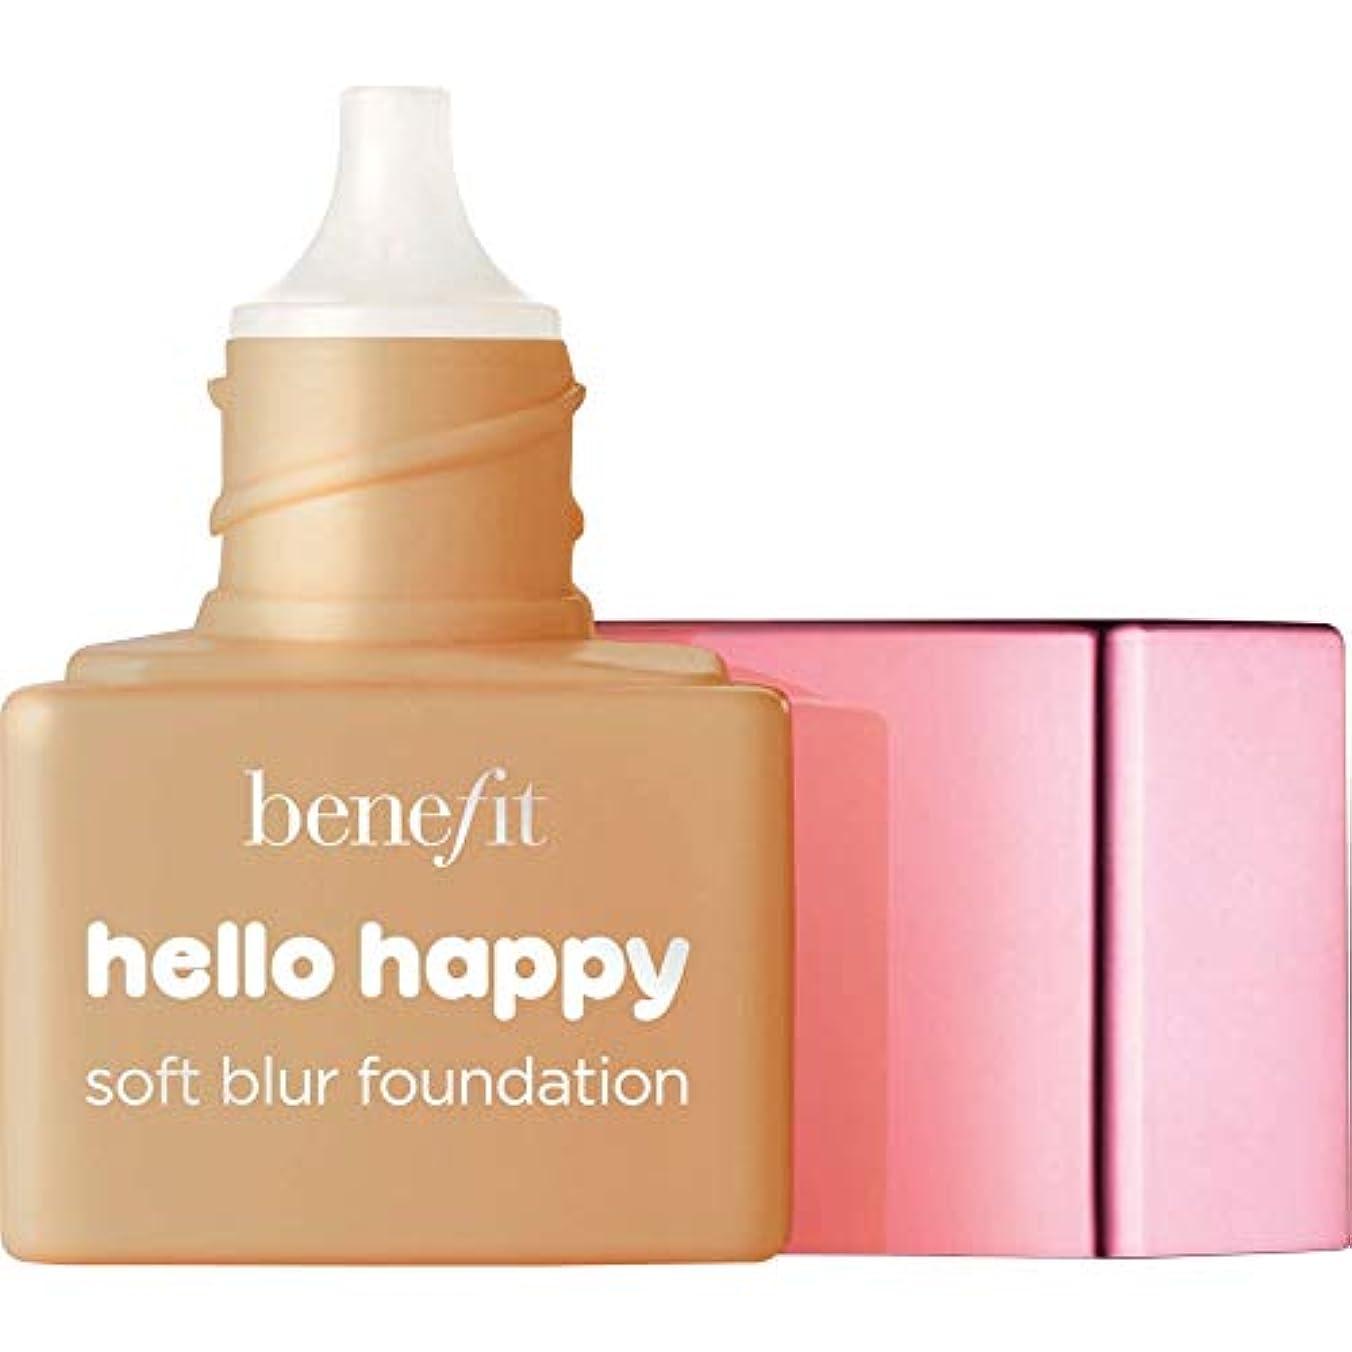 レールラフレシアアルノルディタール[Benefit] ミニ6 - - こんにちは幸せソフトブラー基礎Spf15の6ミリリットルの利益温培地 - Benefit Hello Happy Soft Blur Foundation SPF15 6ml - Mini 6 - Medium Warm [並行輸入品]